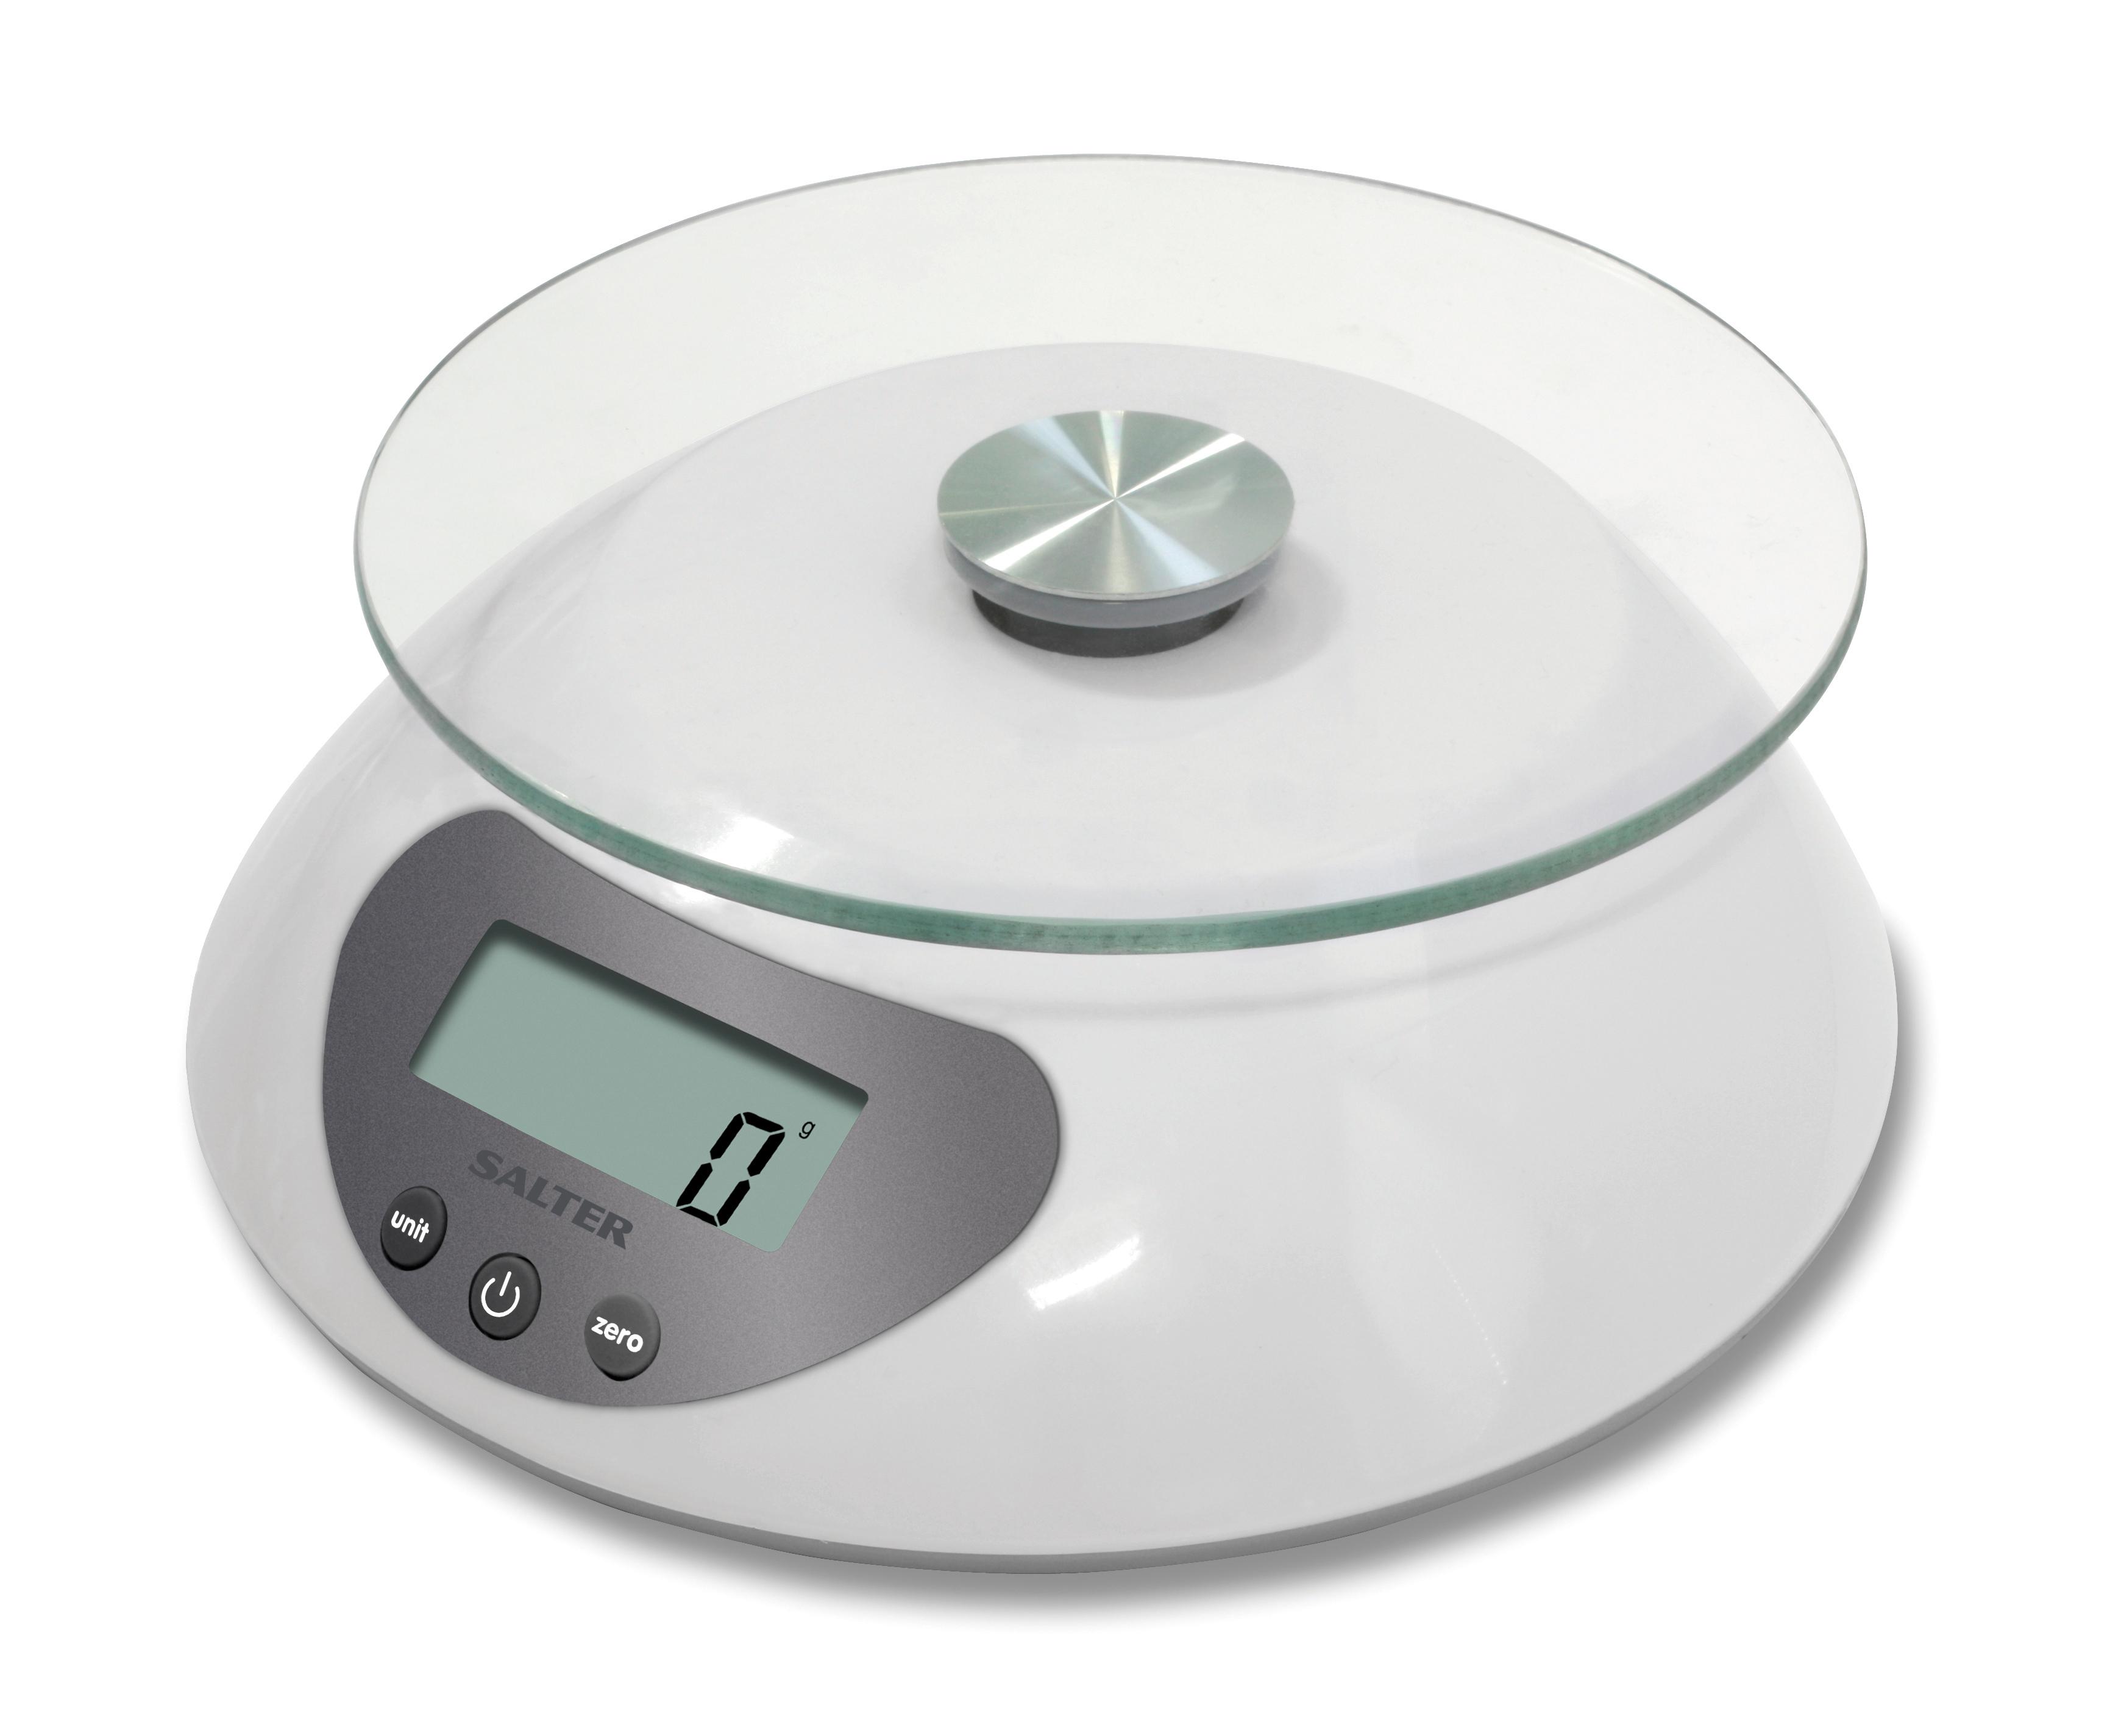 salter 5kg electronic digital glass platform aquatronic. Black Bedroom Furniture Sets. Home Design Ideas